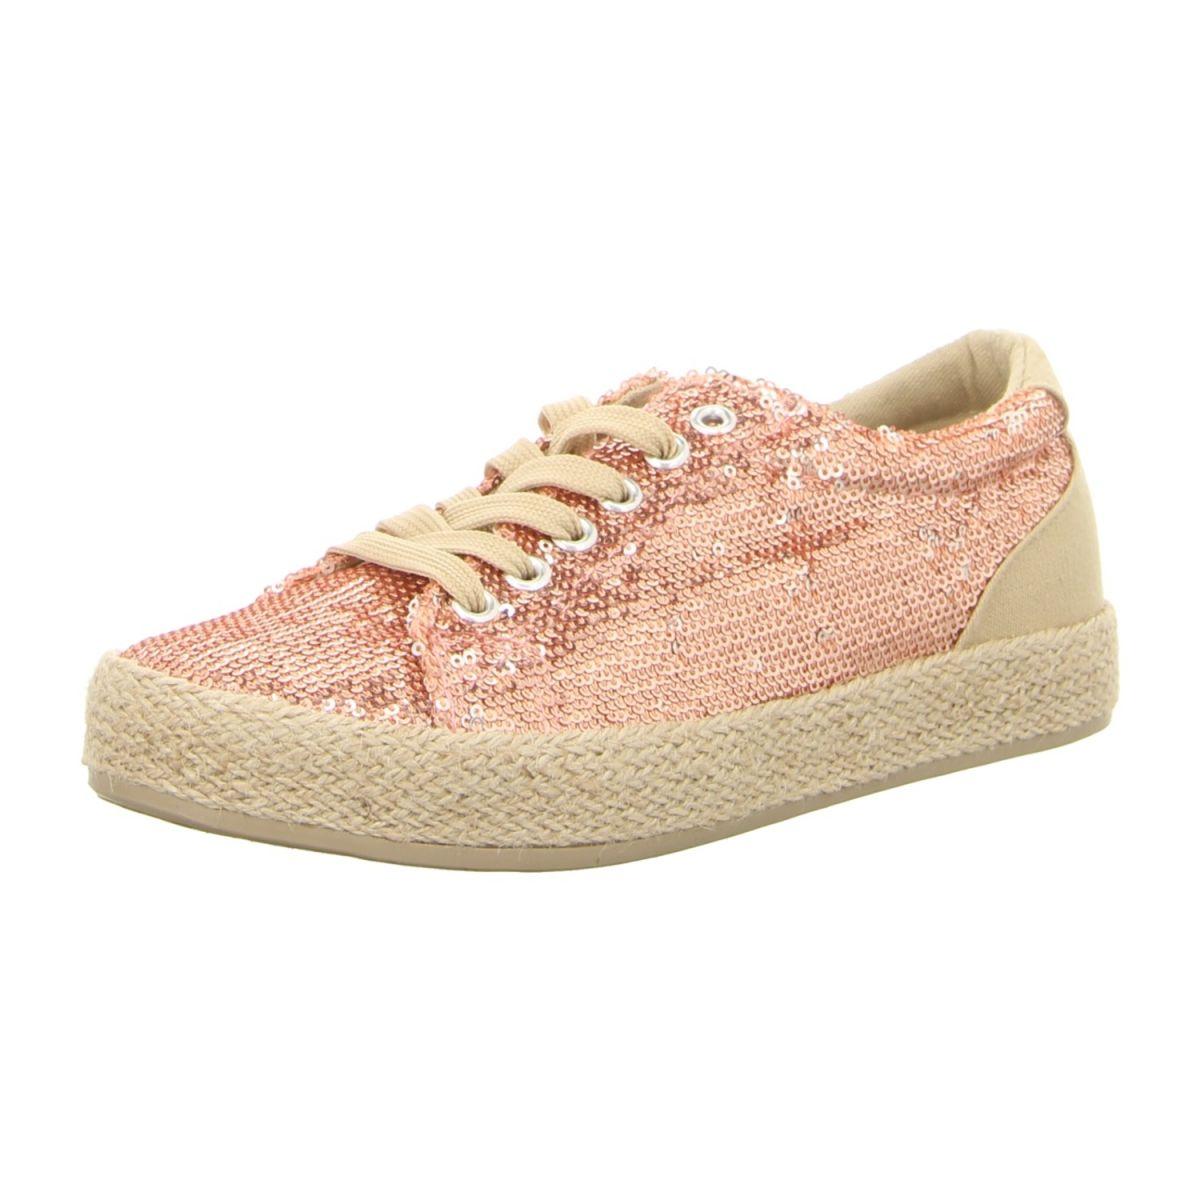 Rieker Sneakers für Damen Online Kaufen   FASHIOLA.at